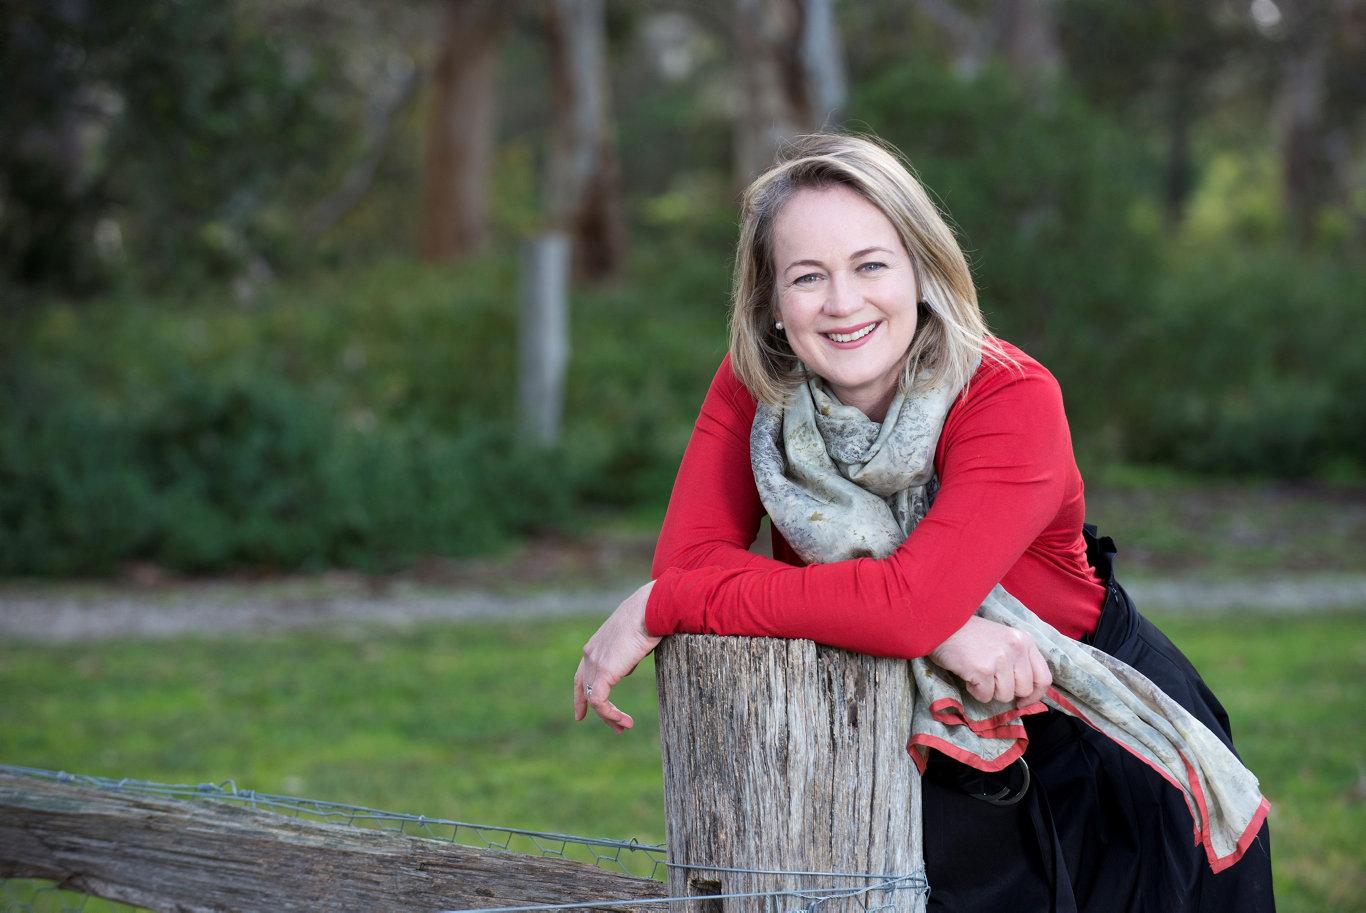 Jacqueline Wilson-Smith